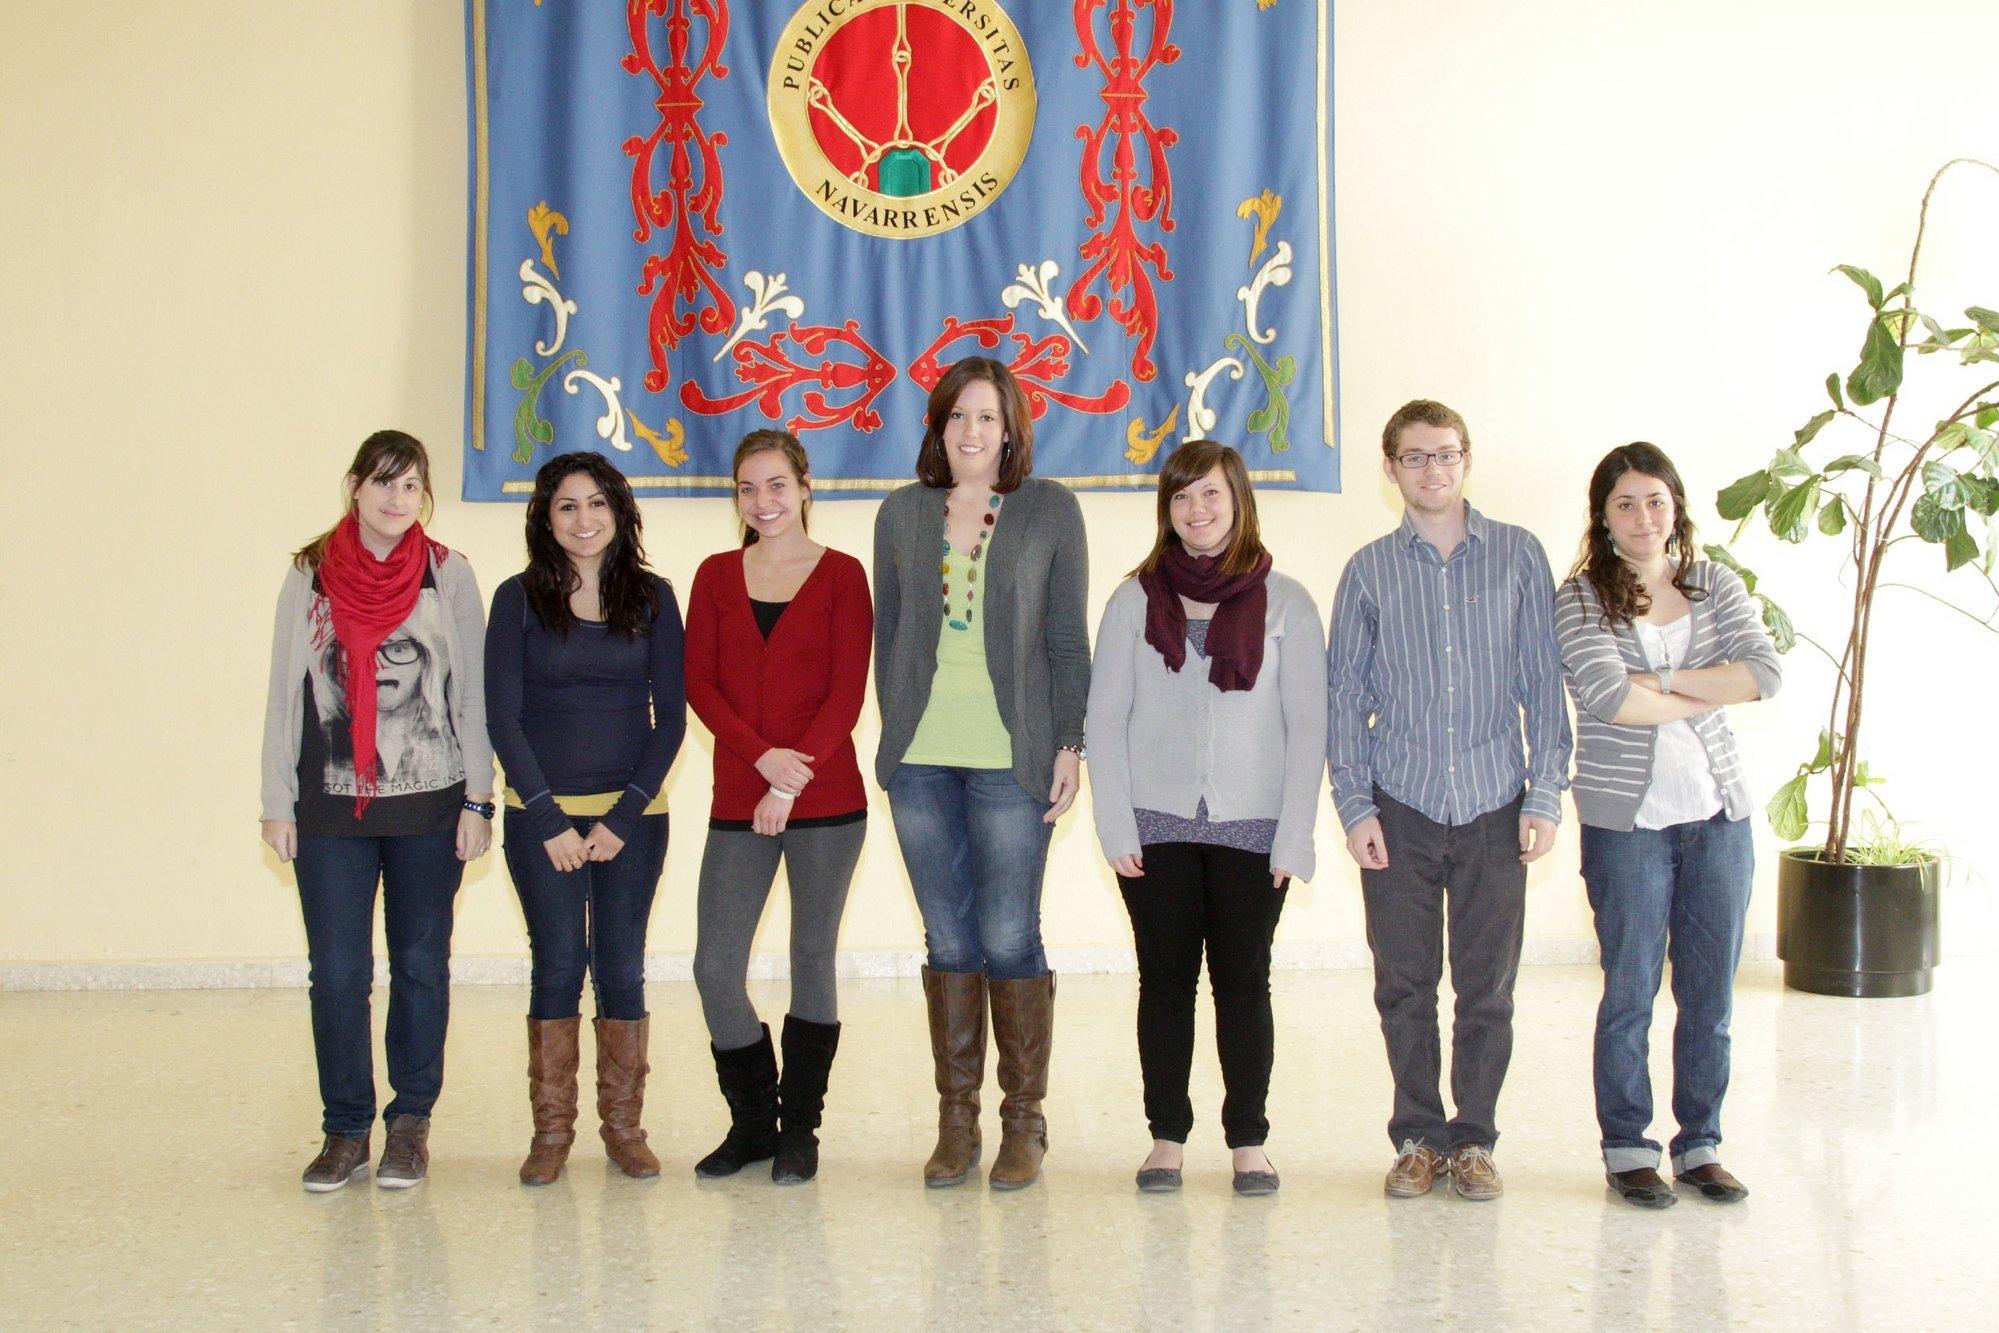 Seis alumnos estadounidenses realizan un curso de inmersión lingüística y cultural en español en la UPNA